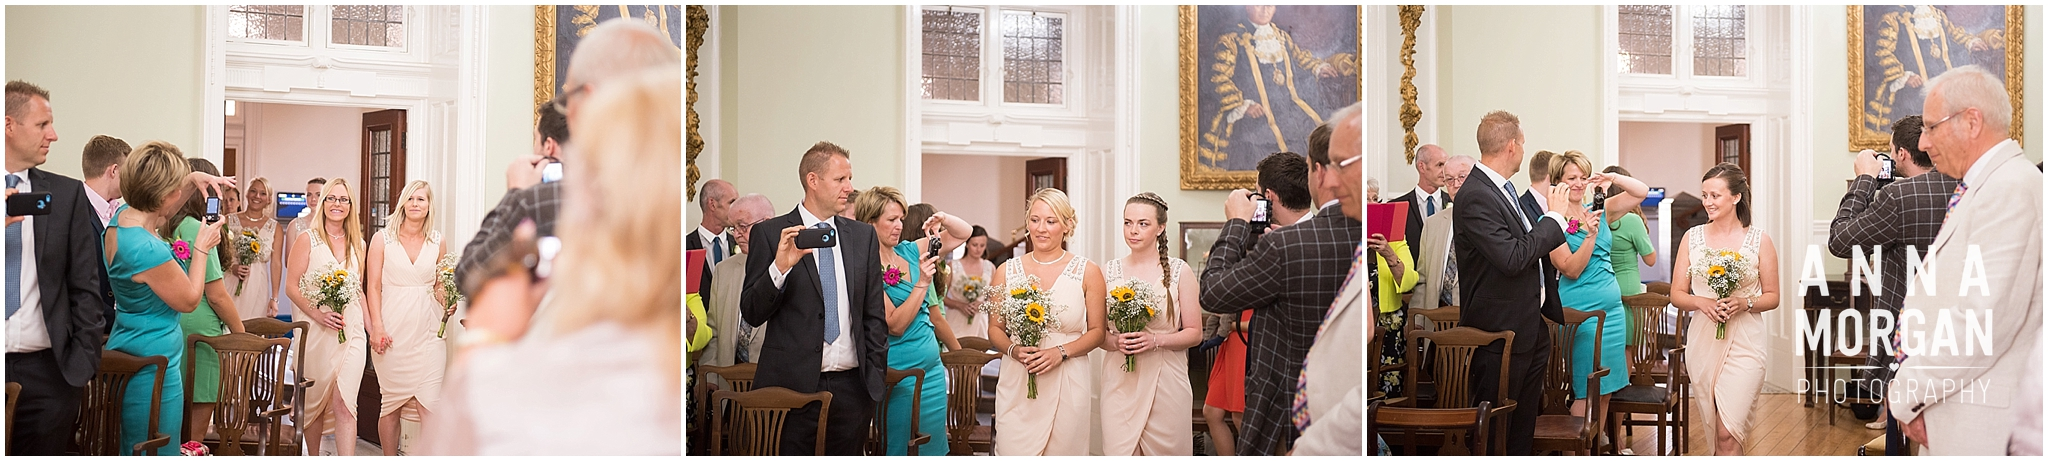 Katie & Hugh Branksome Chine beach wedding Dorset-9